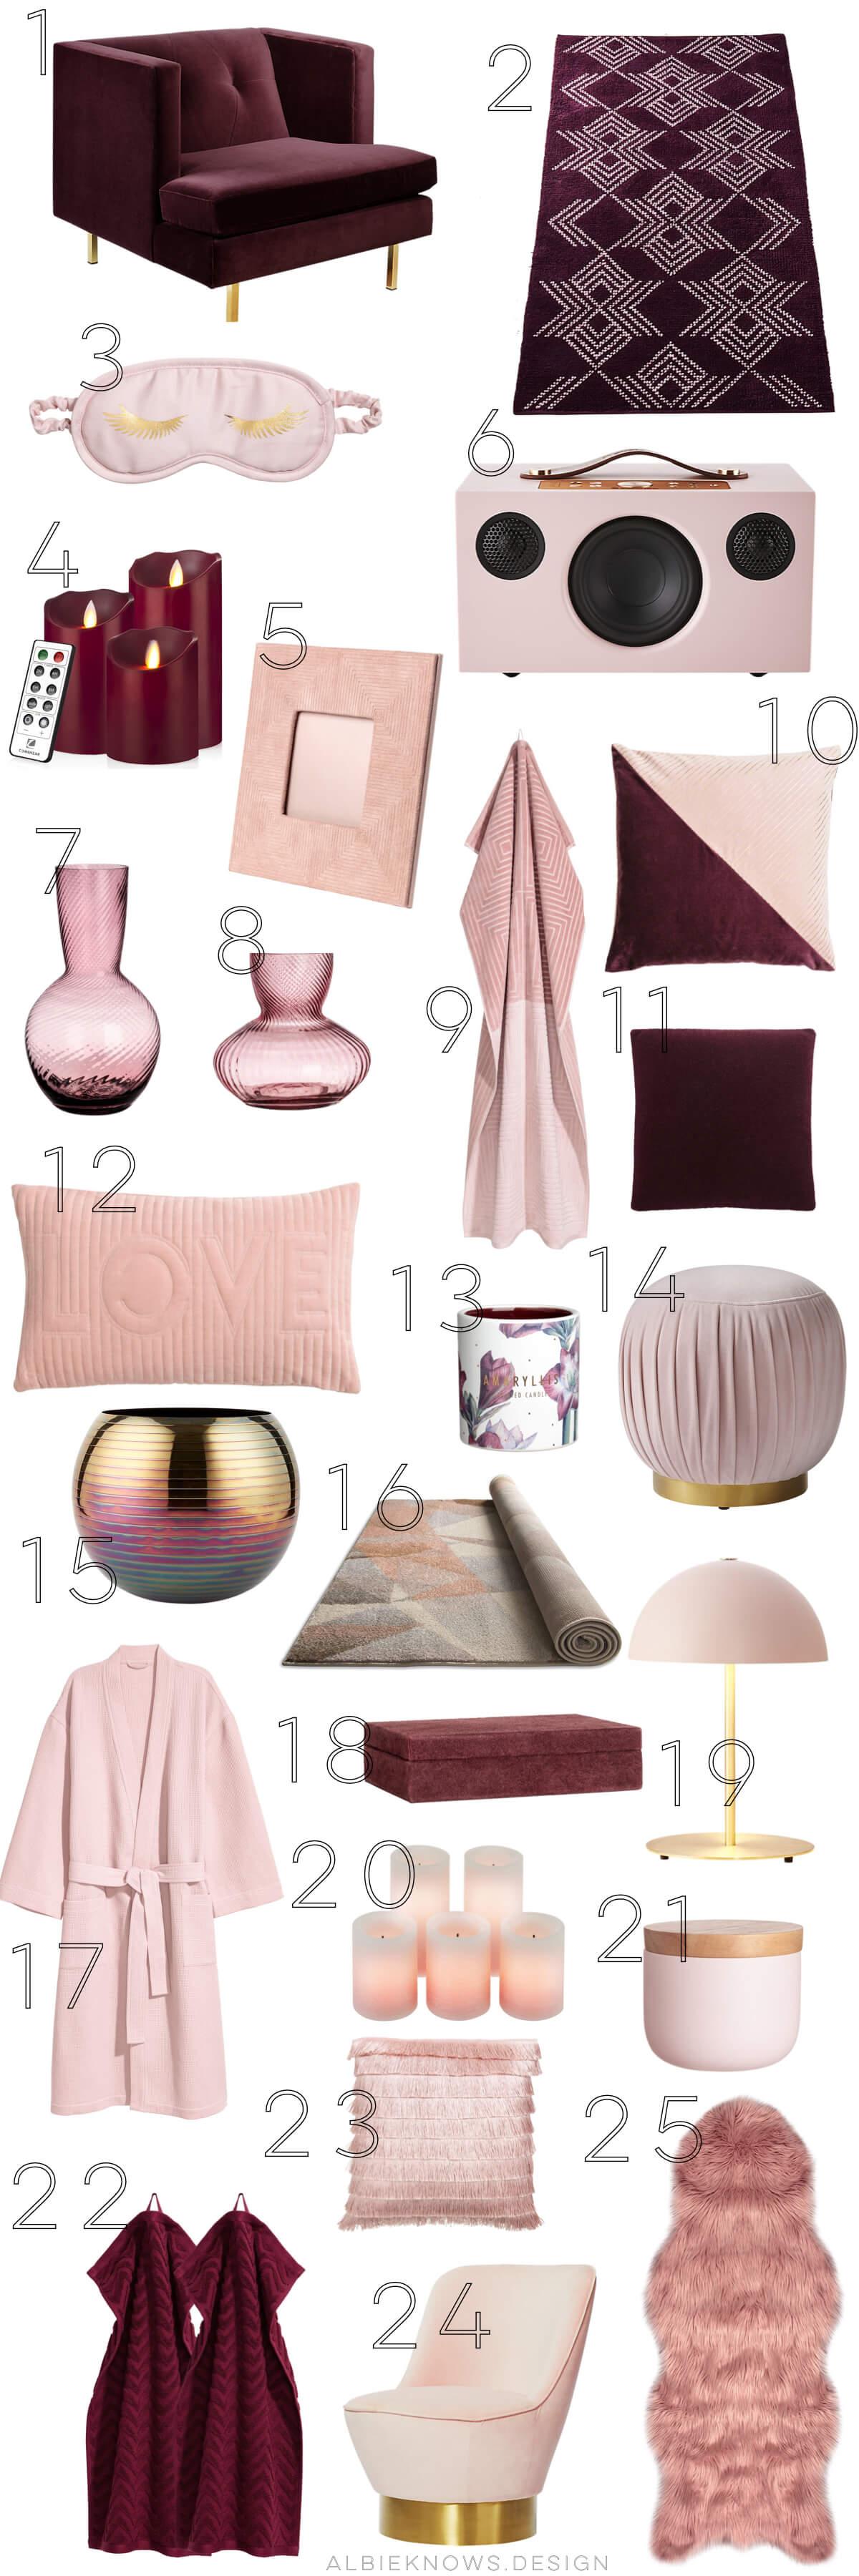 Albie Knows Valentine's Day Blush Pink & Burgundy Shopping List.jpeg